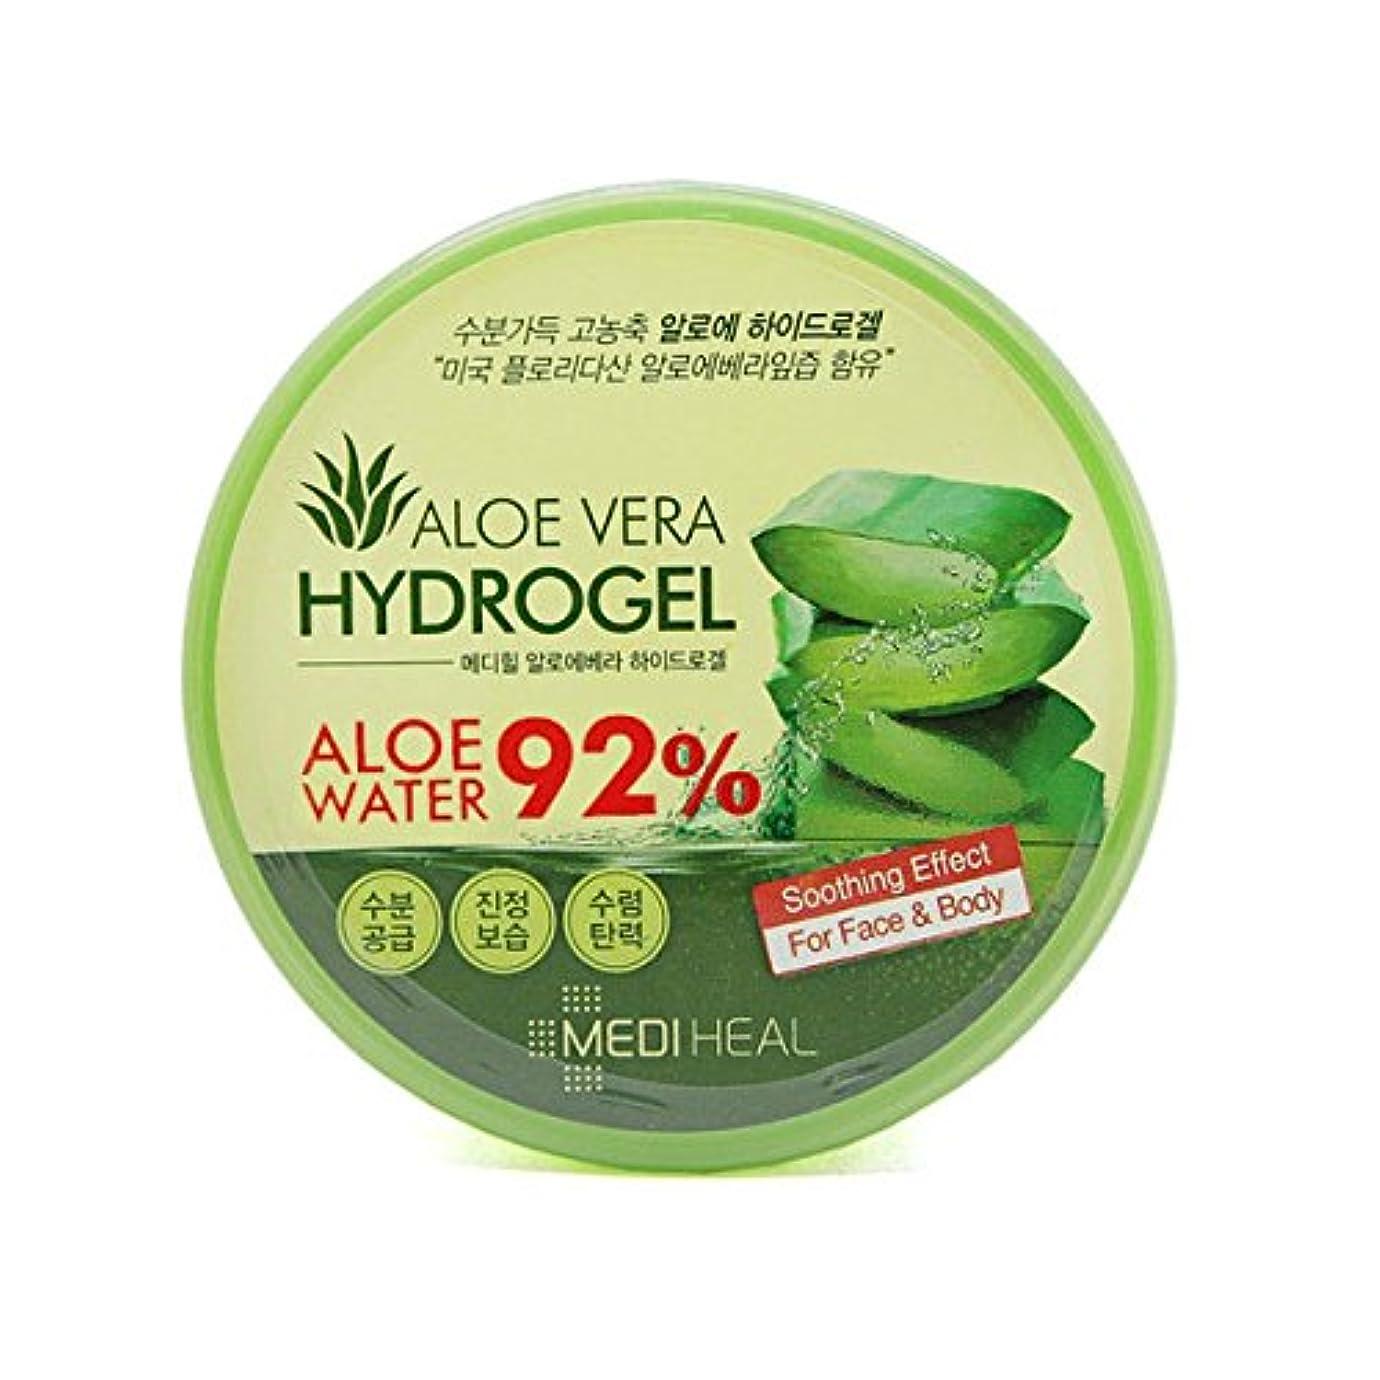 アクチュエータフェリー血色の良い[メディヒール/Mediheal] スージング&モイスチャー アロエベラ92%ヒドロゲル/スージングジェル/韓国コスメ/メディヒール正品 (海外直送)